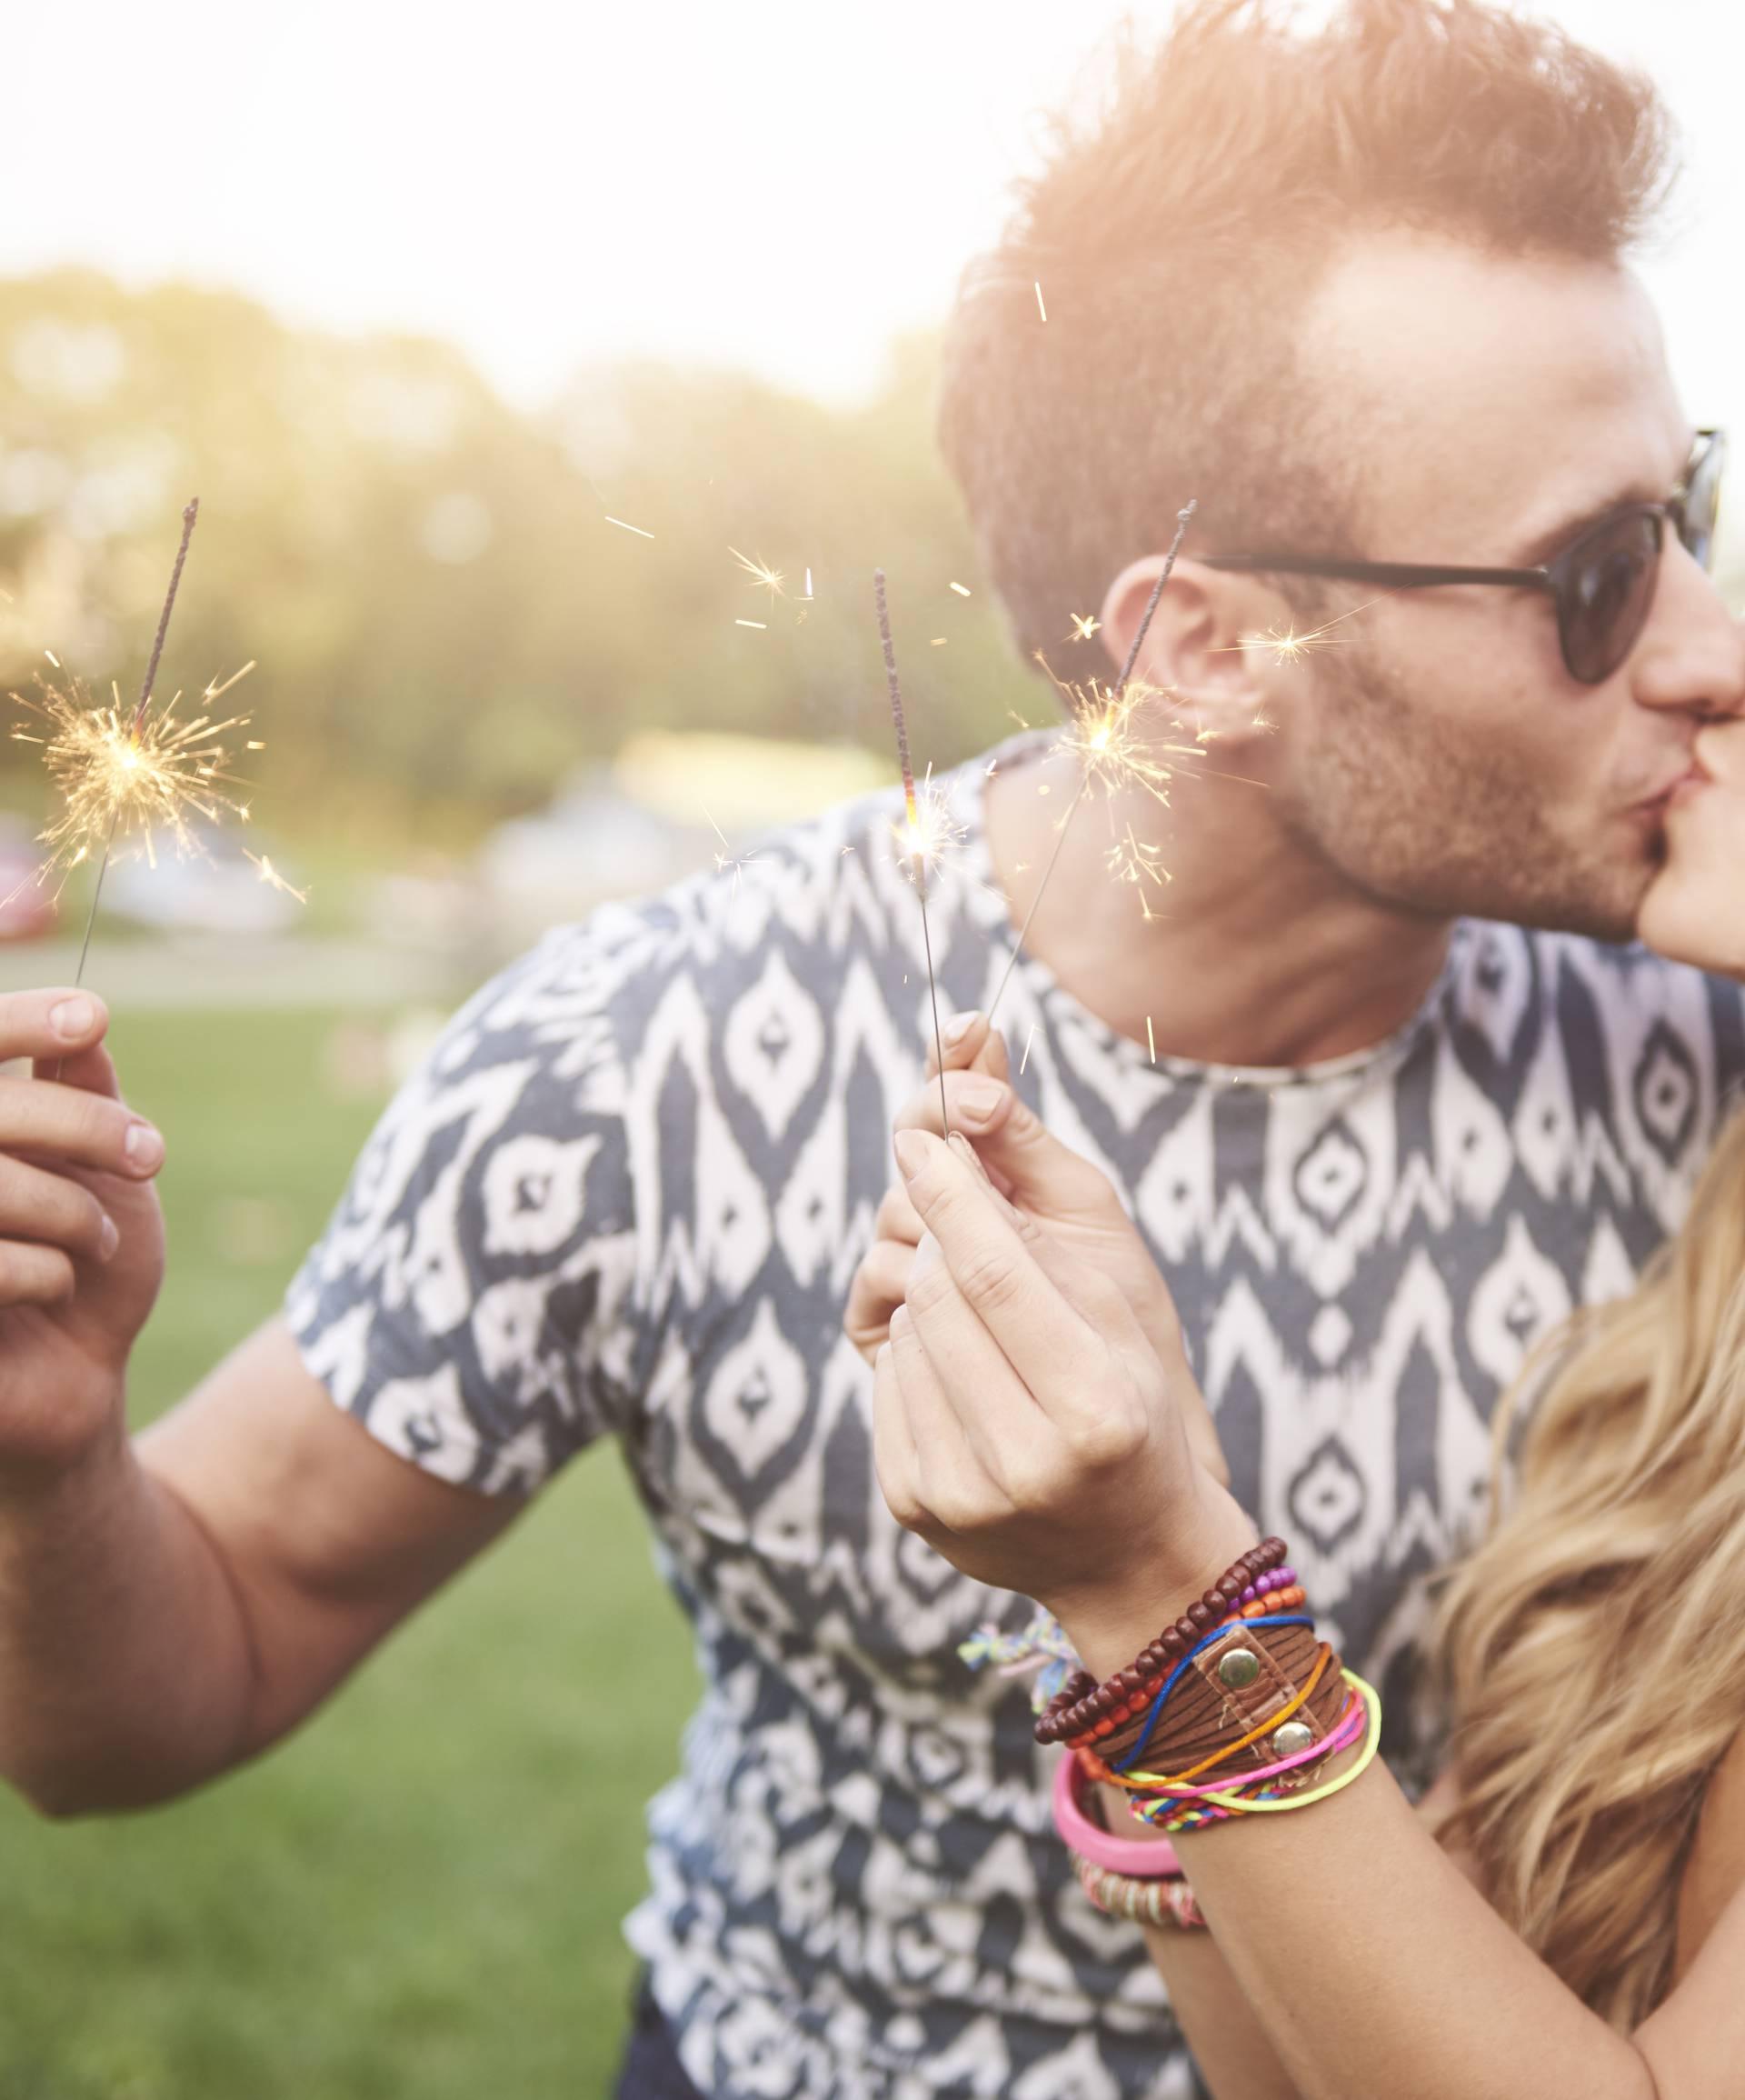 Ljubljenje sagorijeva kalorije, a umanjuje i alergijske reakcije